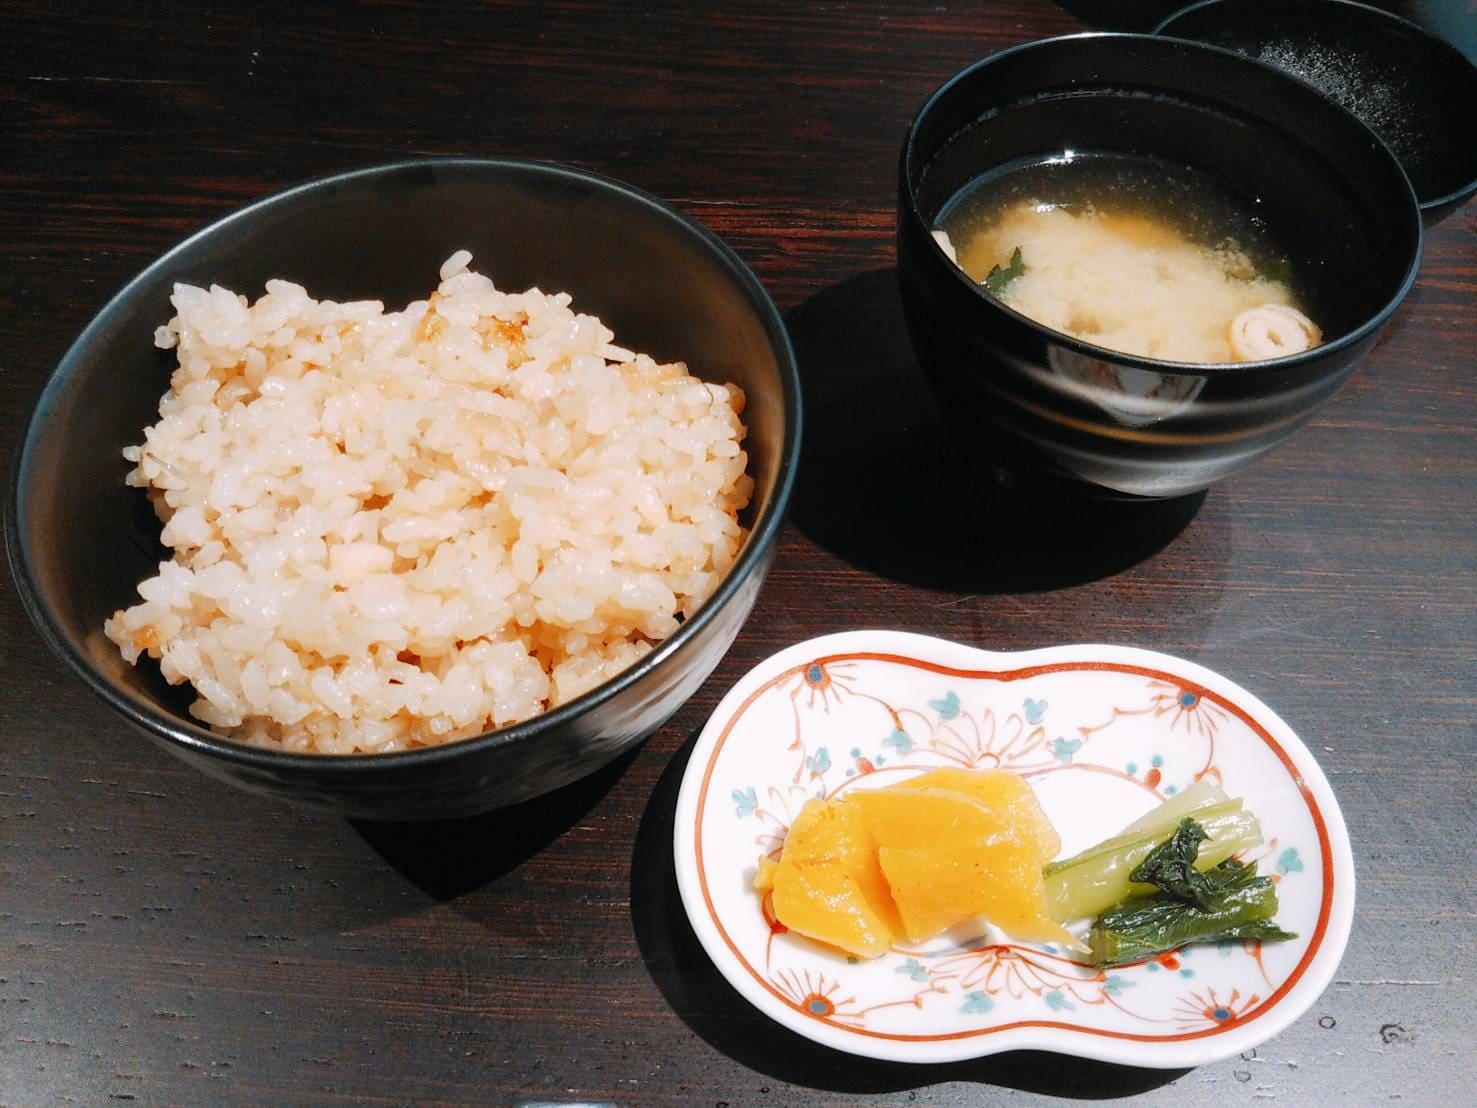 新生姜のご飯 お味噌汁 お漬物